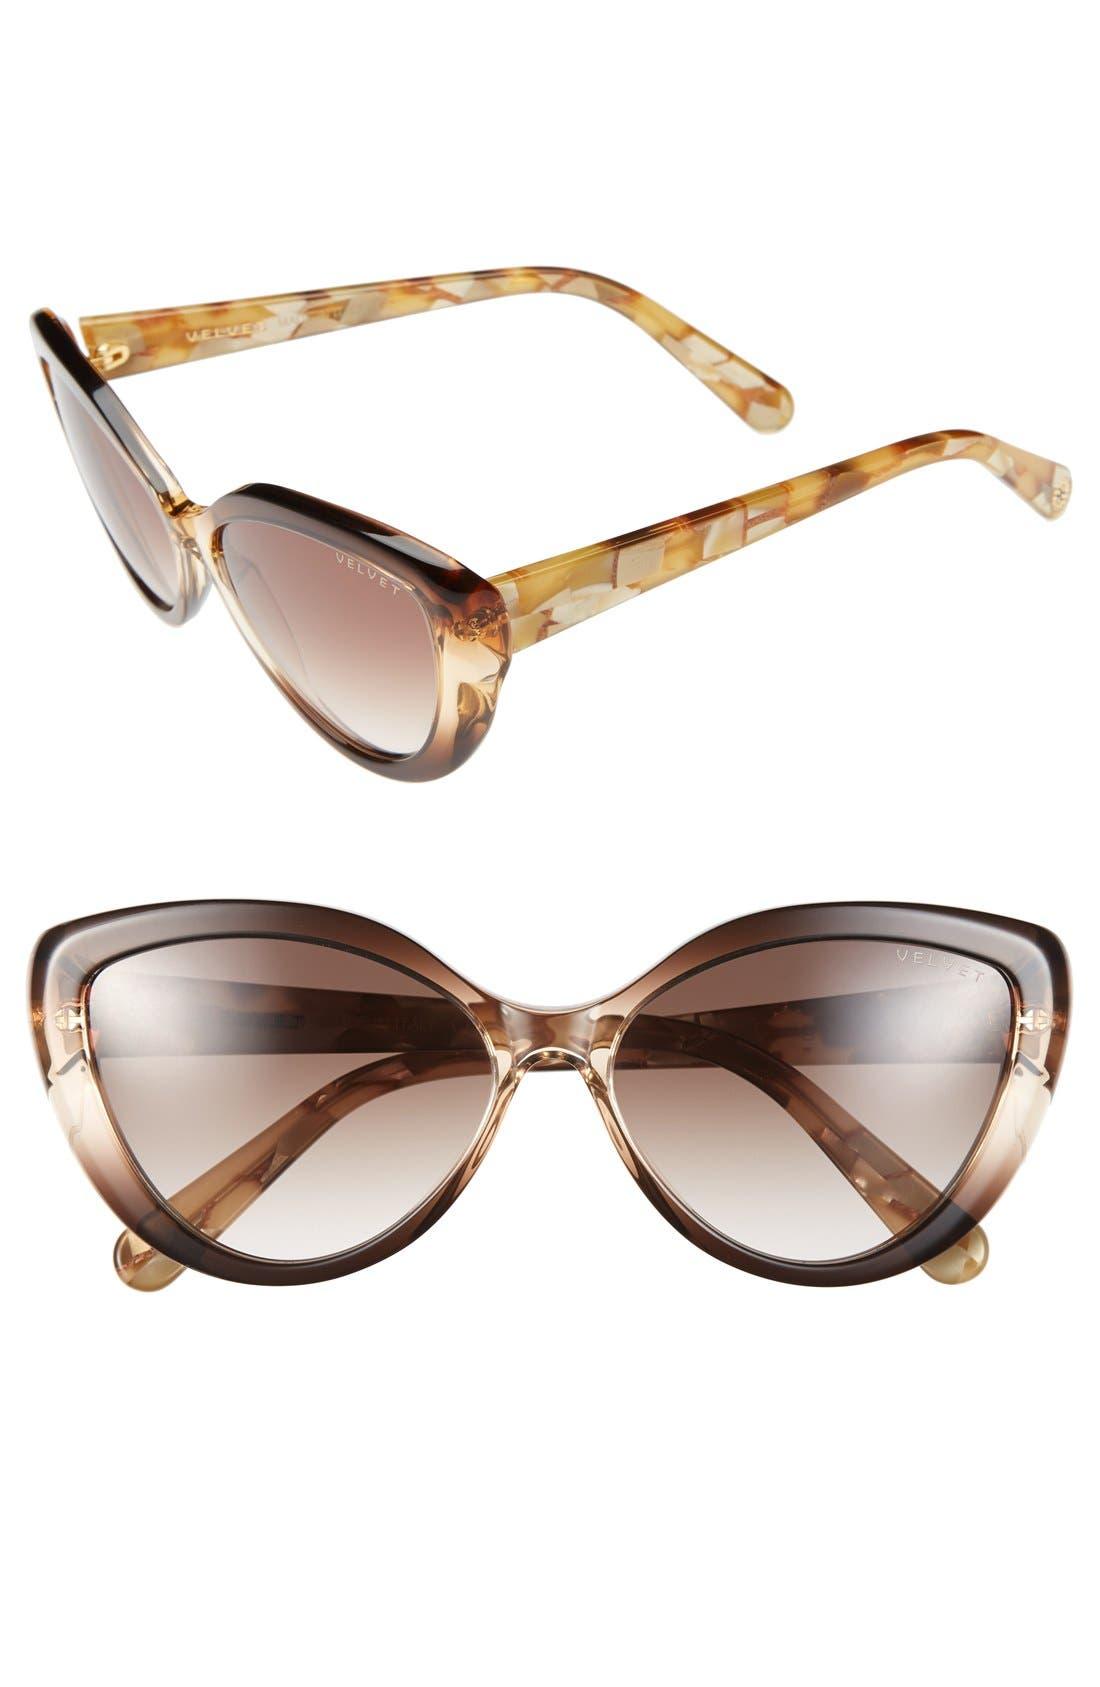 Main Image - Velvet Eyewear 'Joie' 55mm Cat Eye Sunglasses